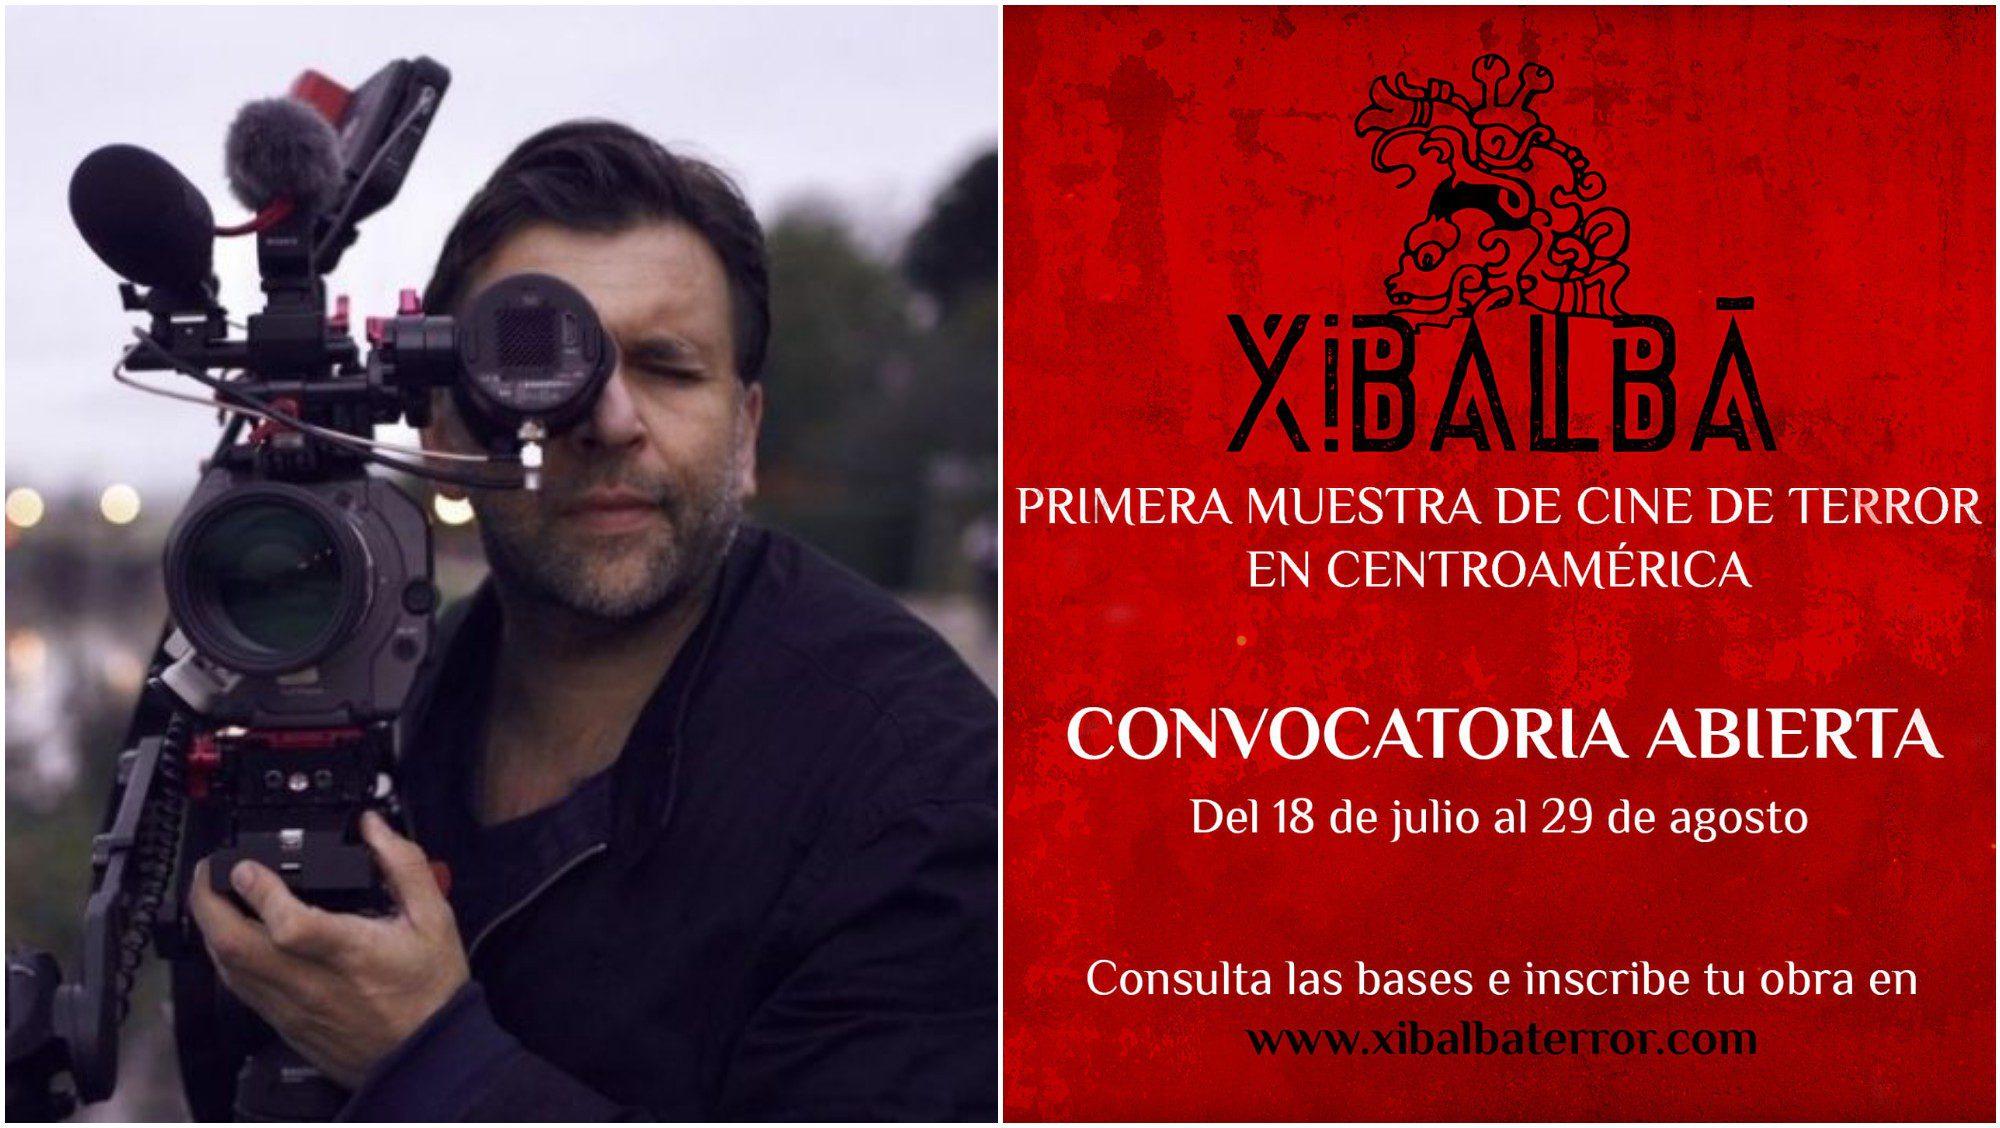 Xibalbá invita a hondureños a participar en muestra de cine de terror